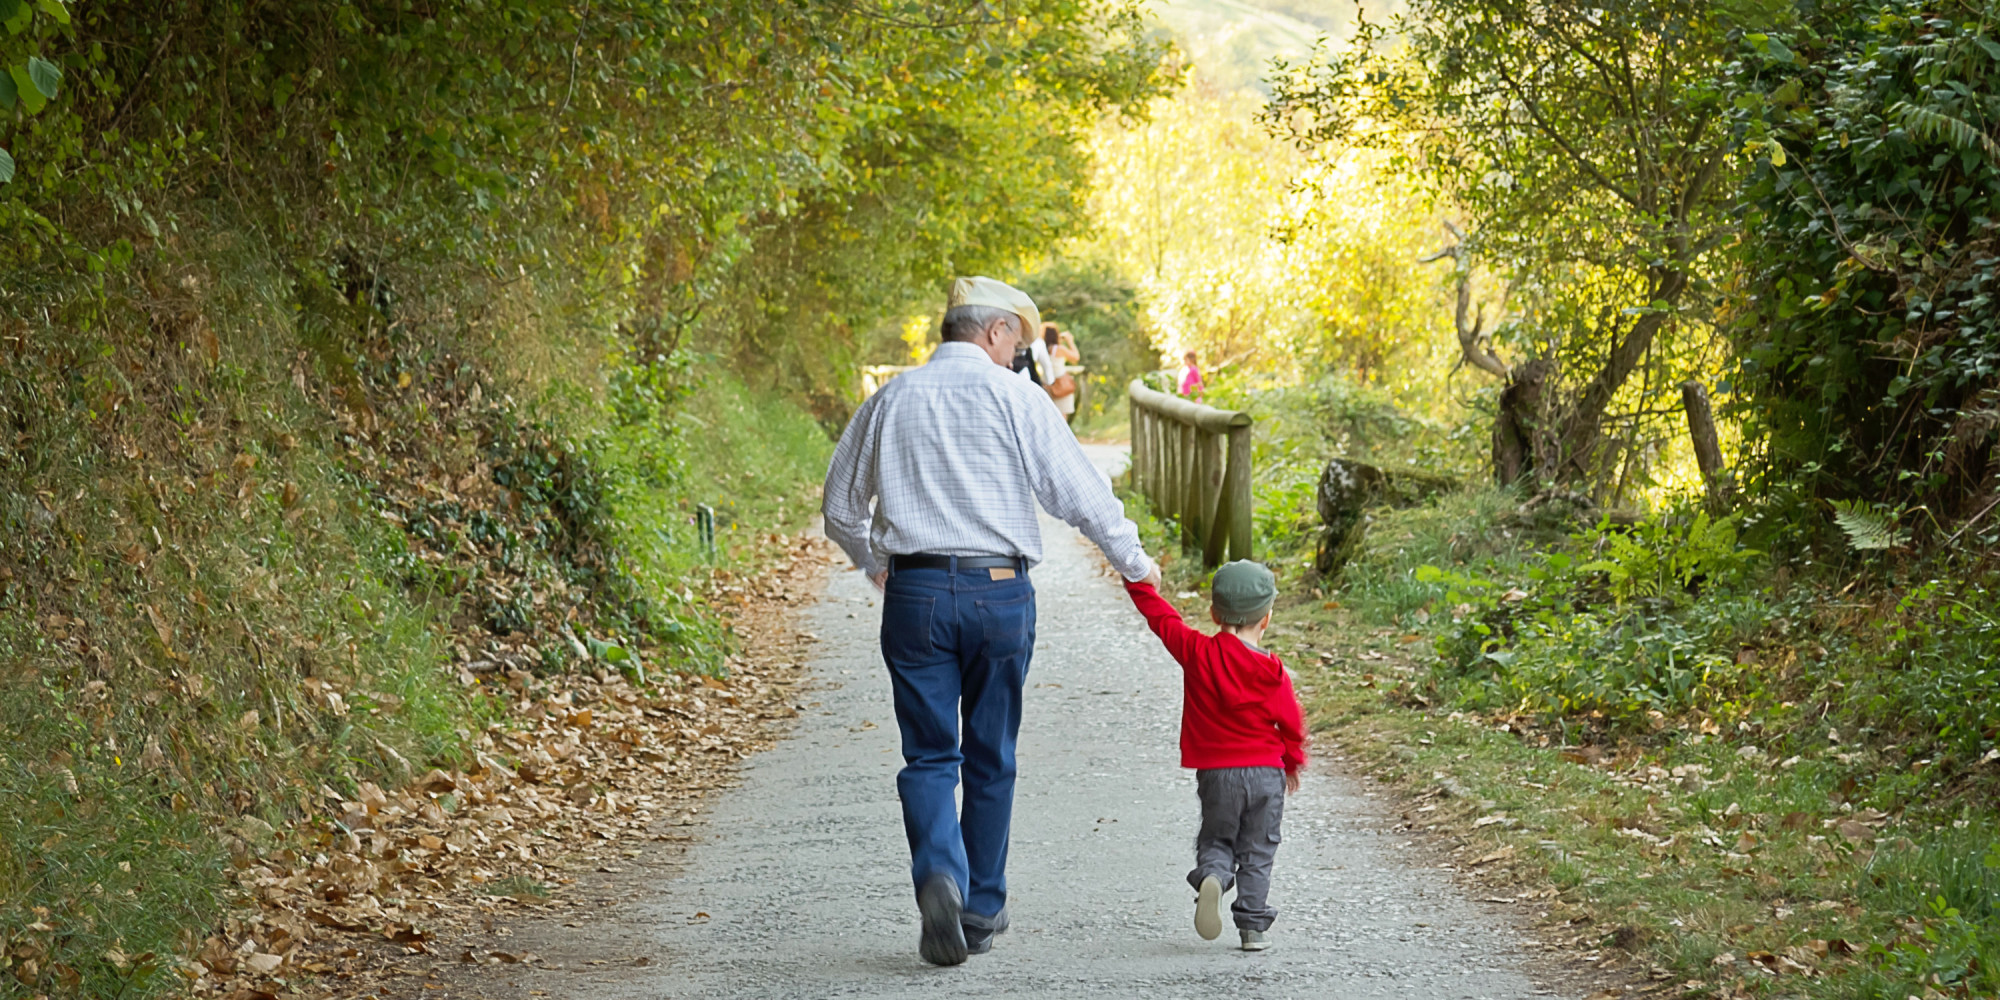 Weisheiten Sprüche Enkel Lebe Dein Leben Sprüche